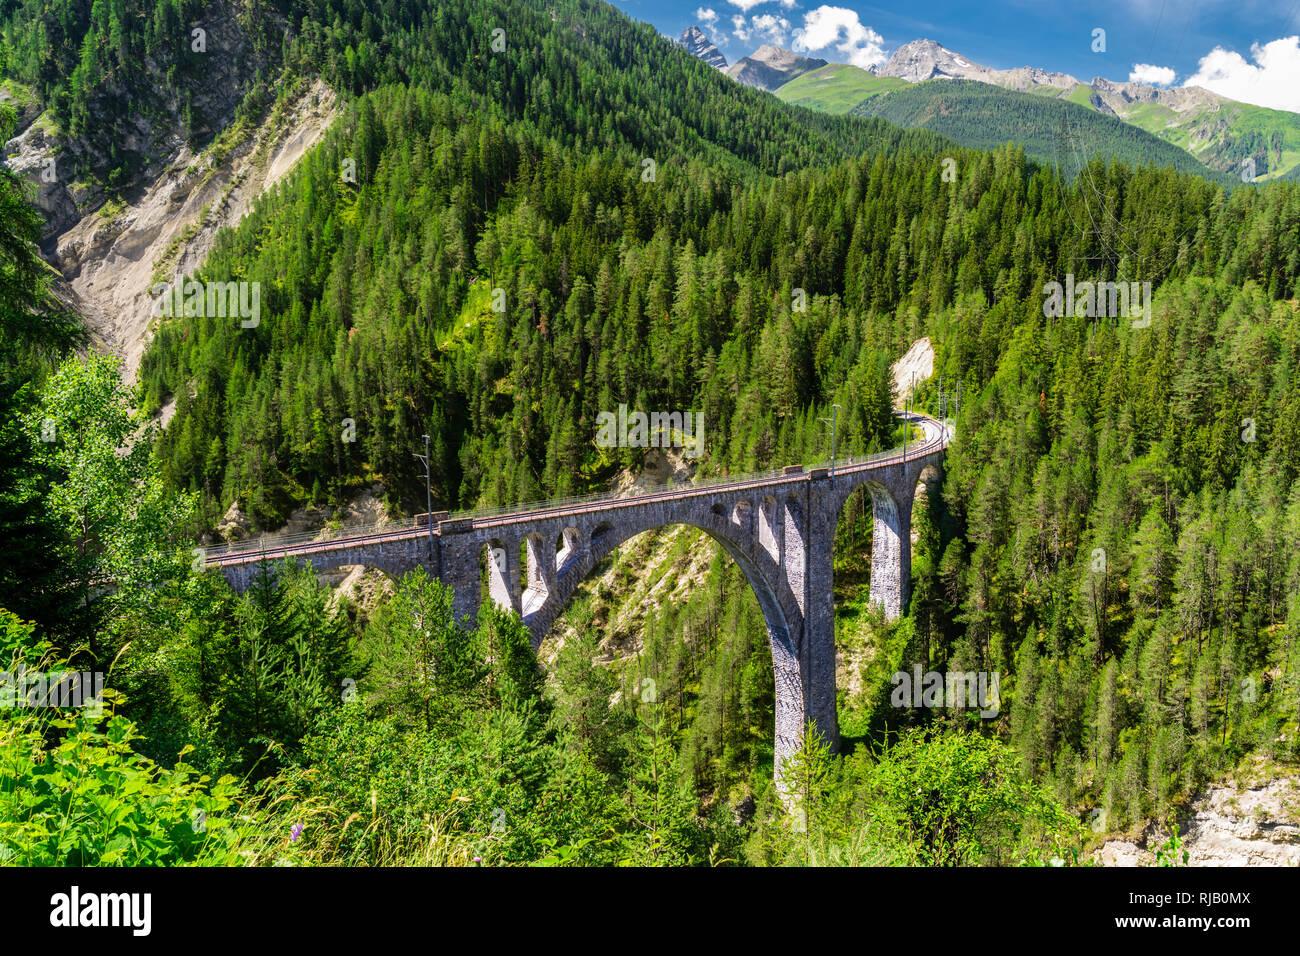 Wiesner Viadukt der Rhätischen Bahn in Graubünden Stock Photo